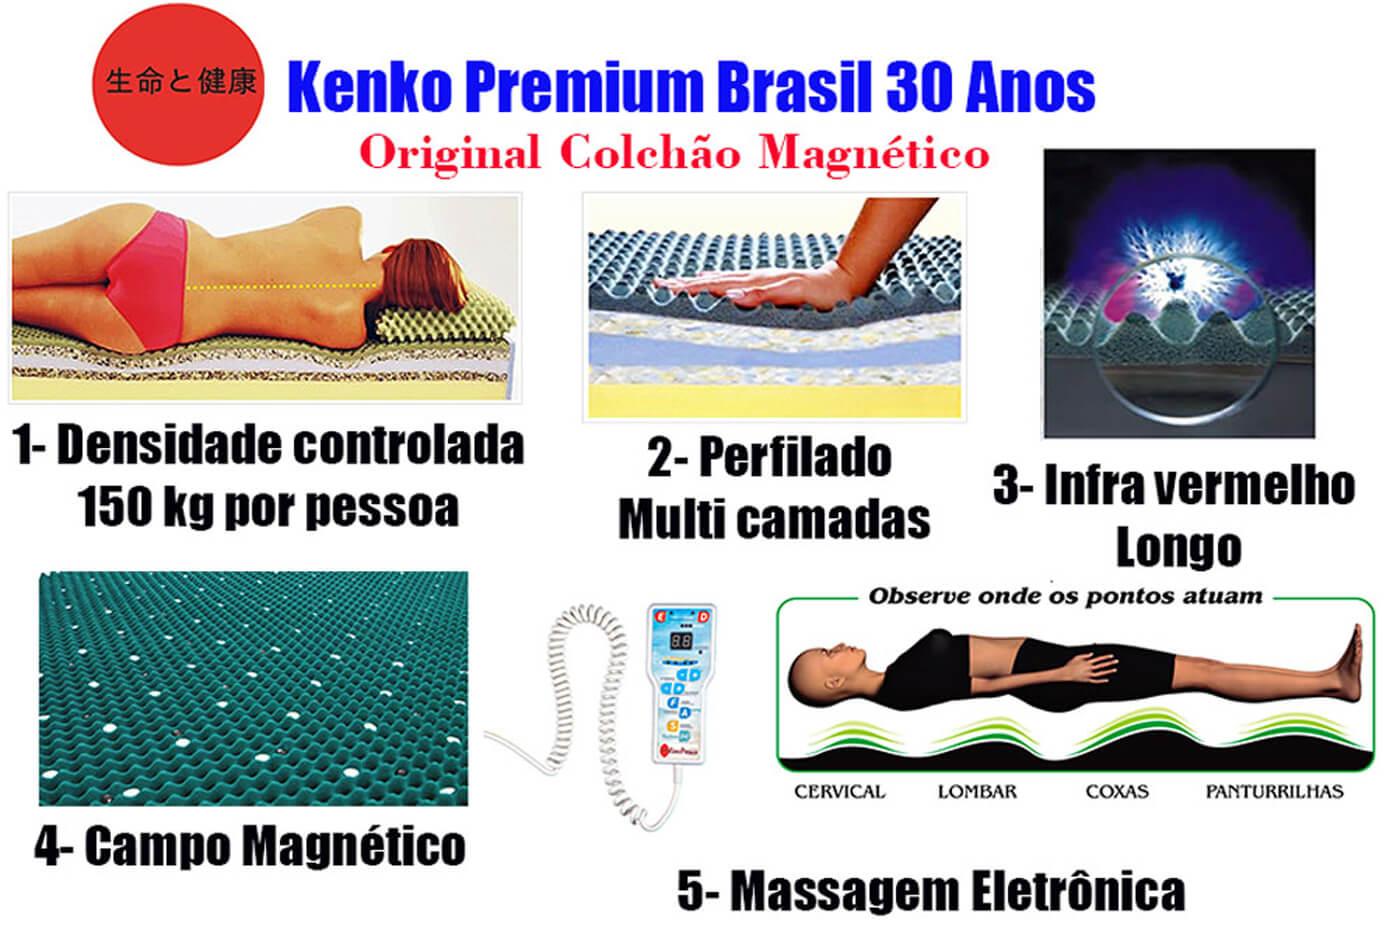 Colchão Magnético Kenko Premium, Plus Massagem Eletrônica Bioquãntica + Cromo  - Kenko Premium Colchões